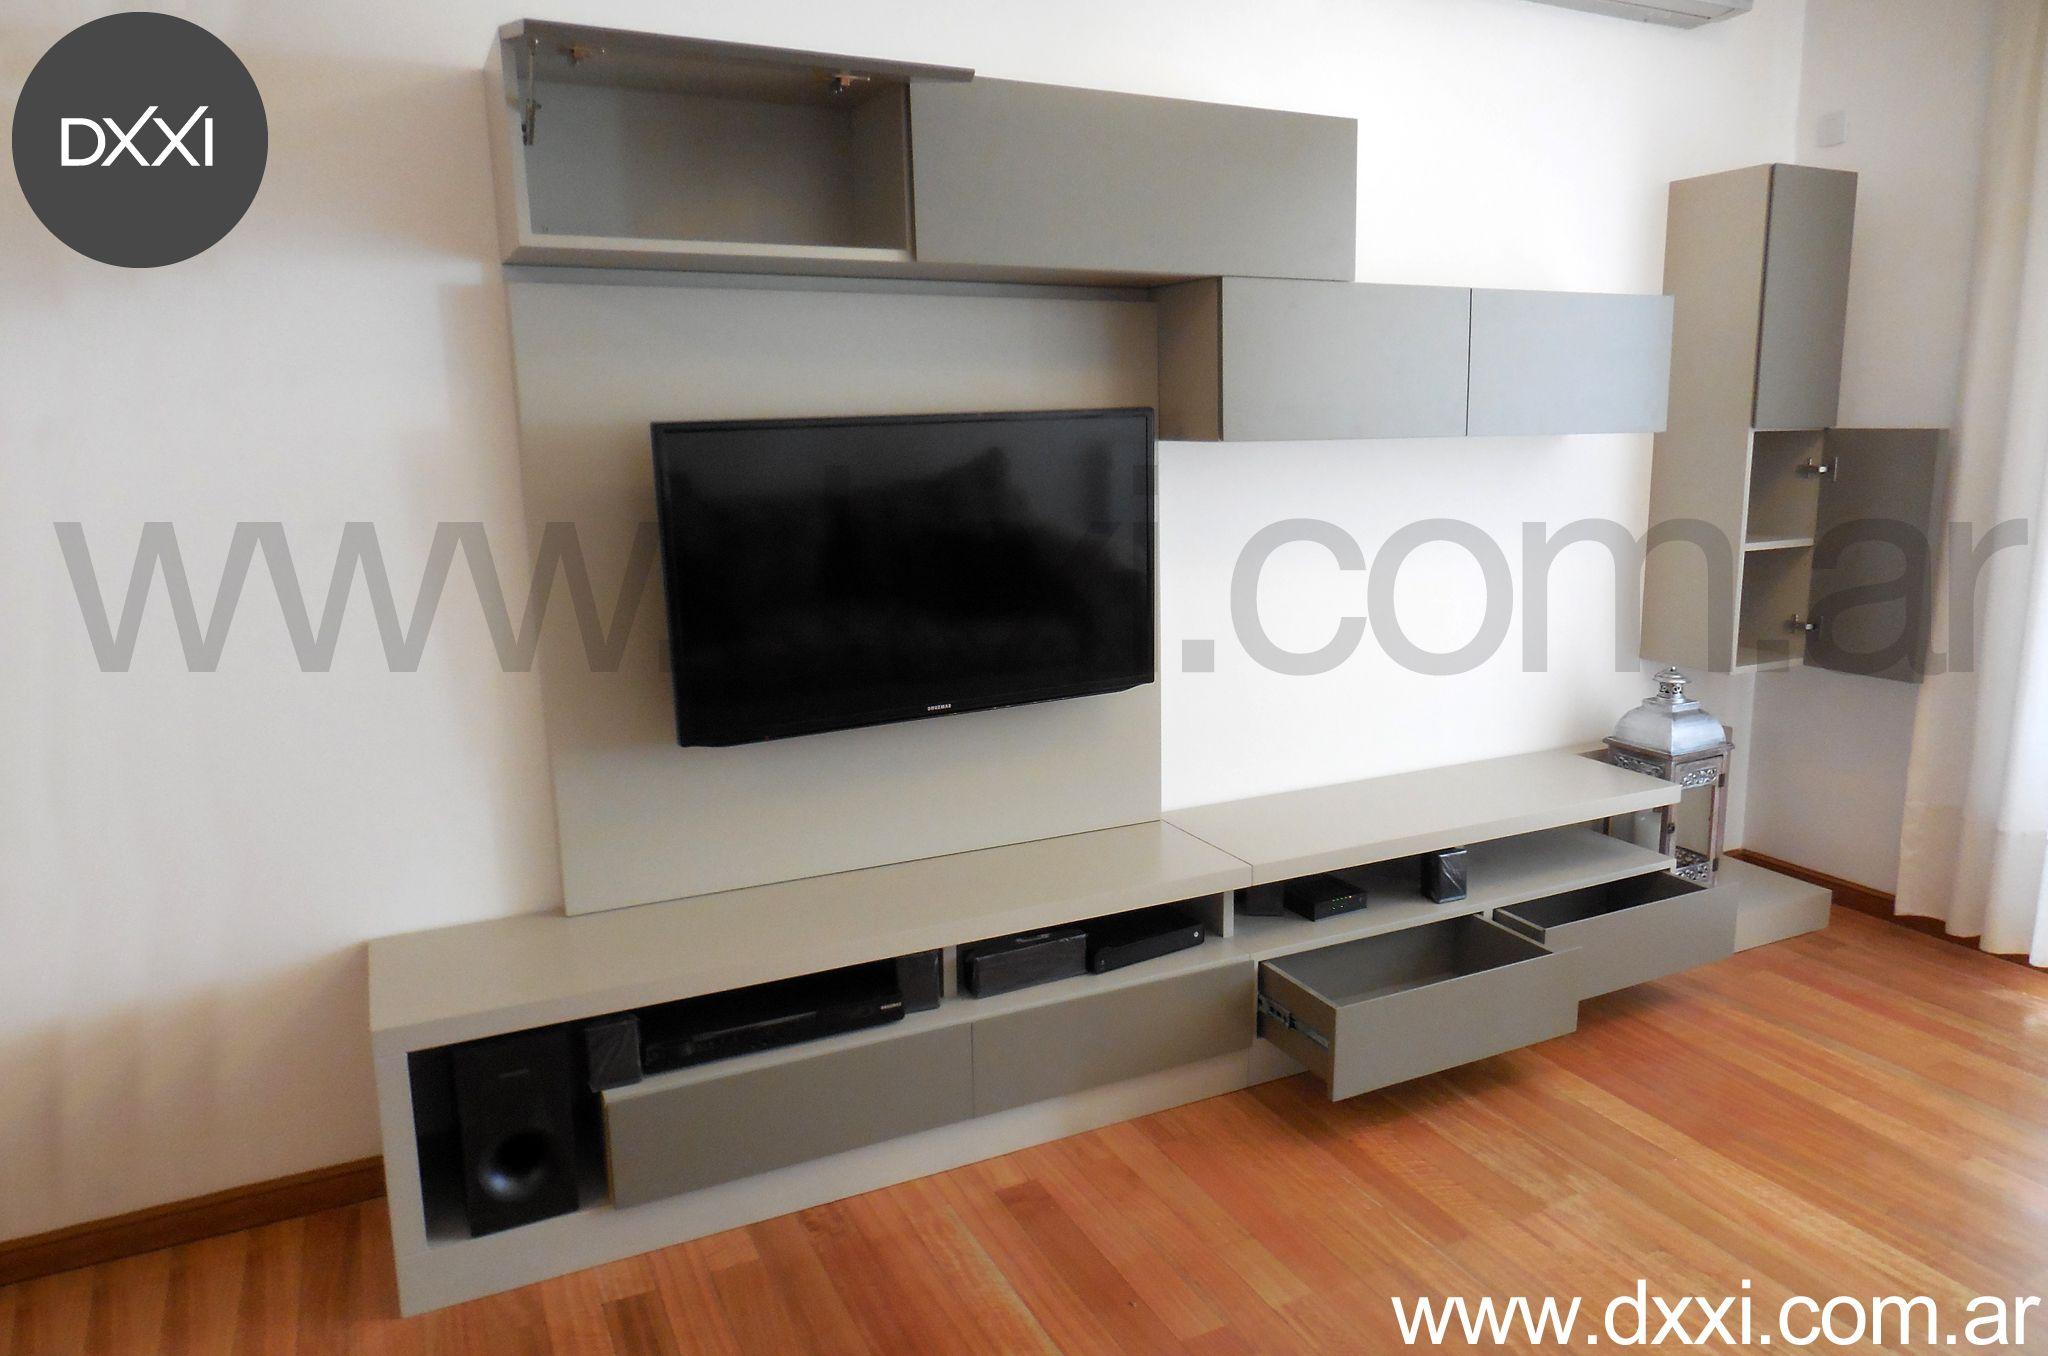 Muebles Buenos Muebles De Cocina Estilo Campo Zona Norte De  # Muebles Ramos Mejia